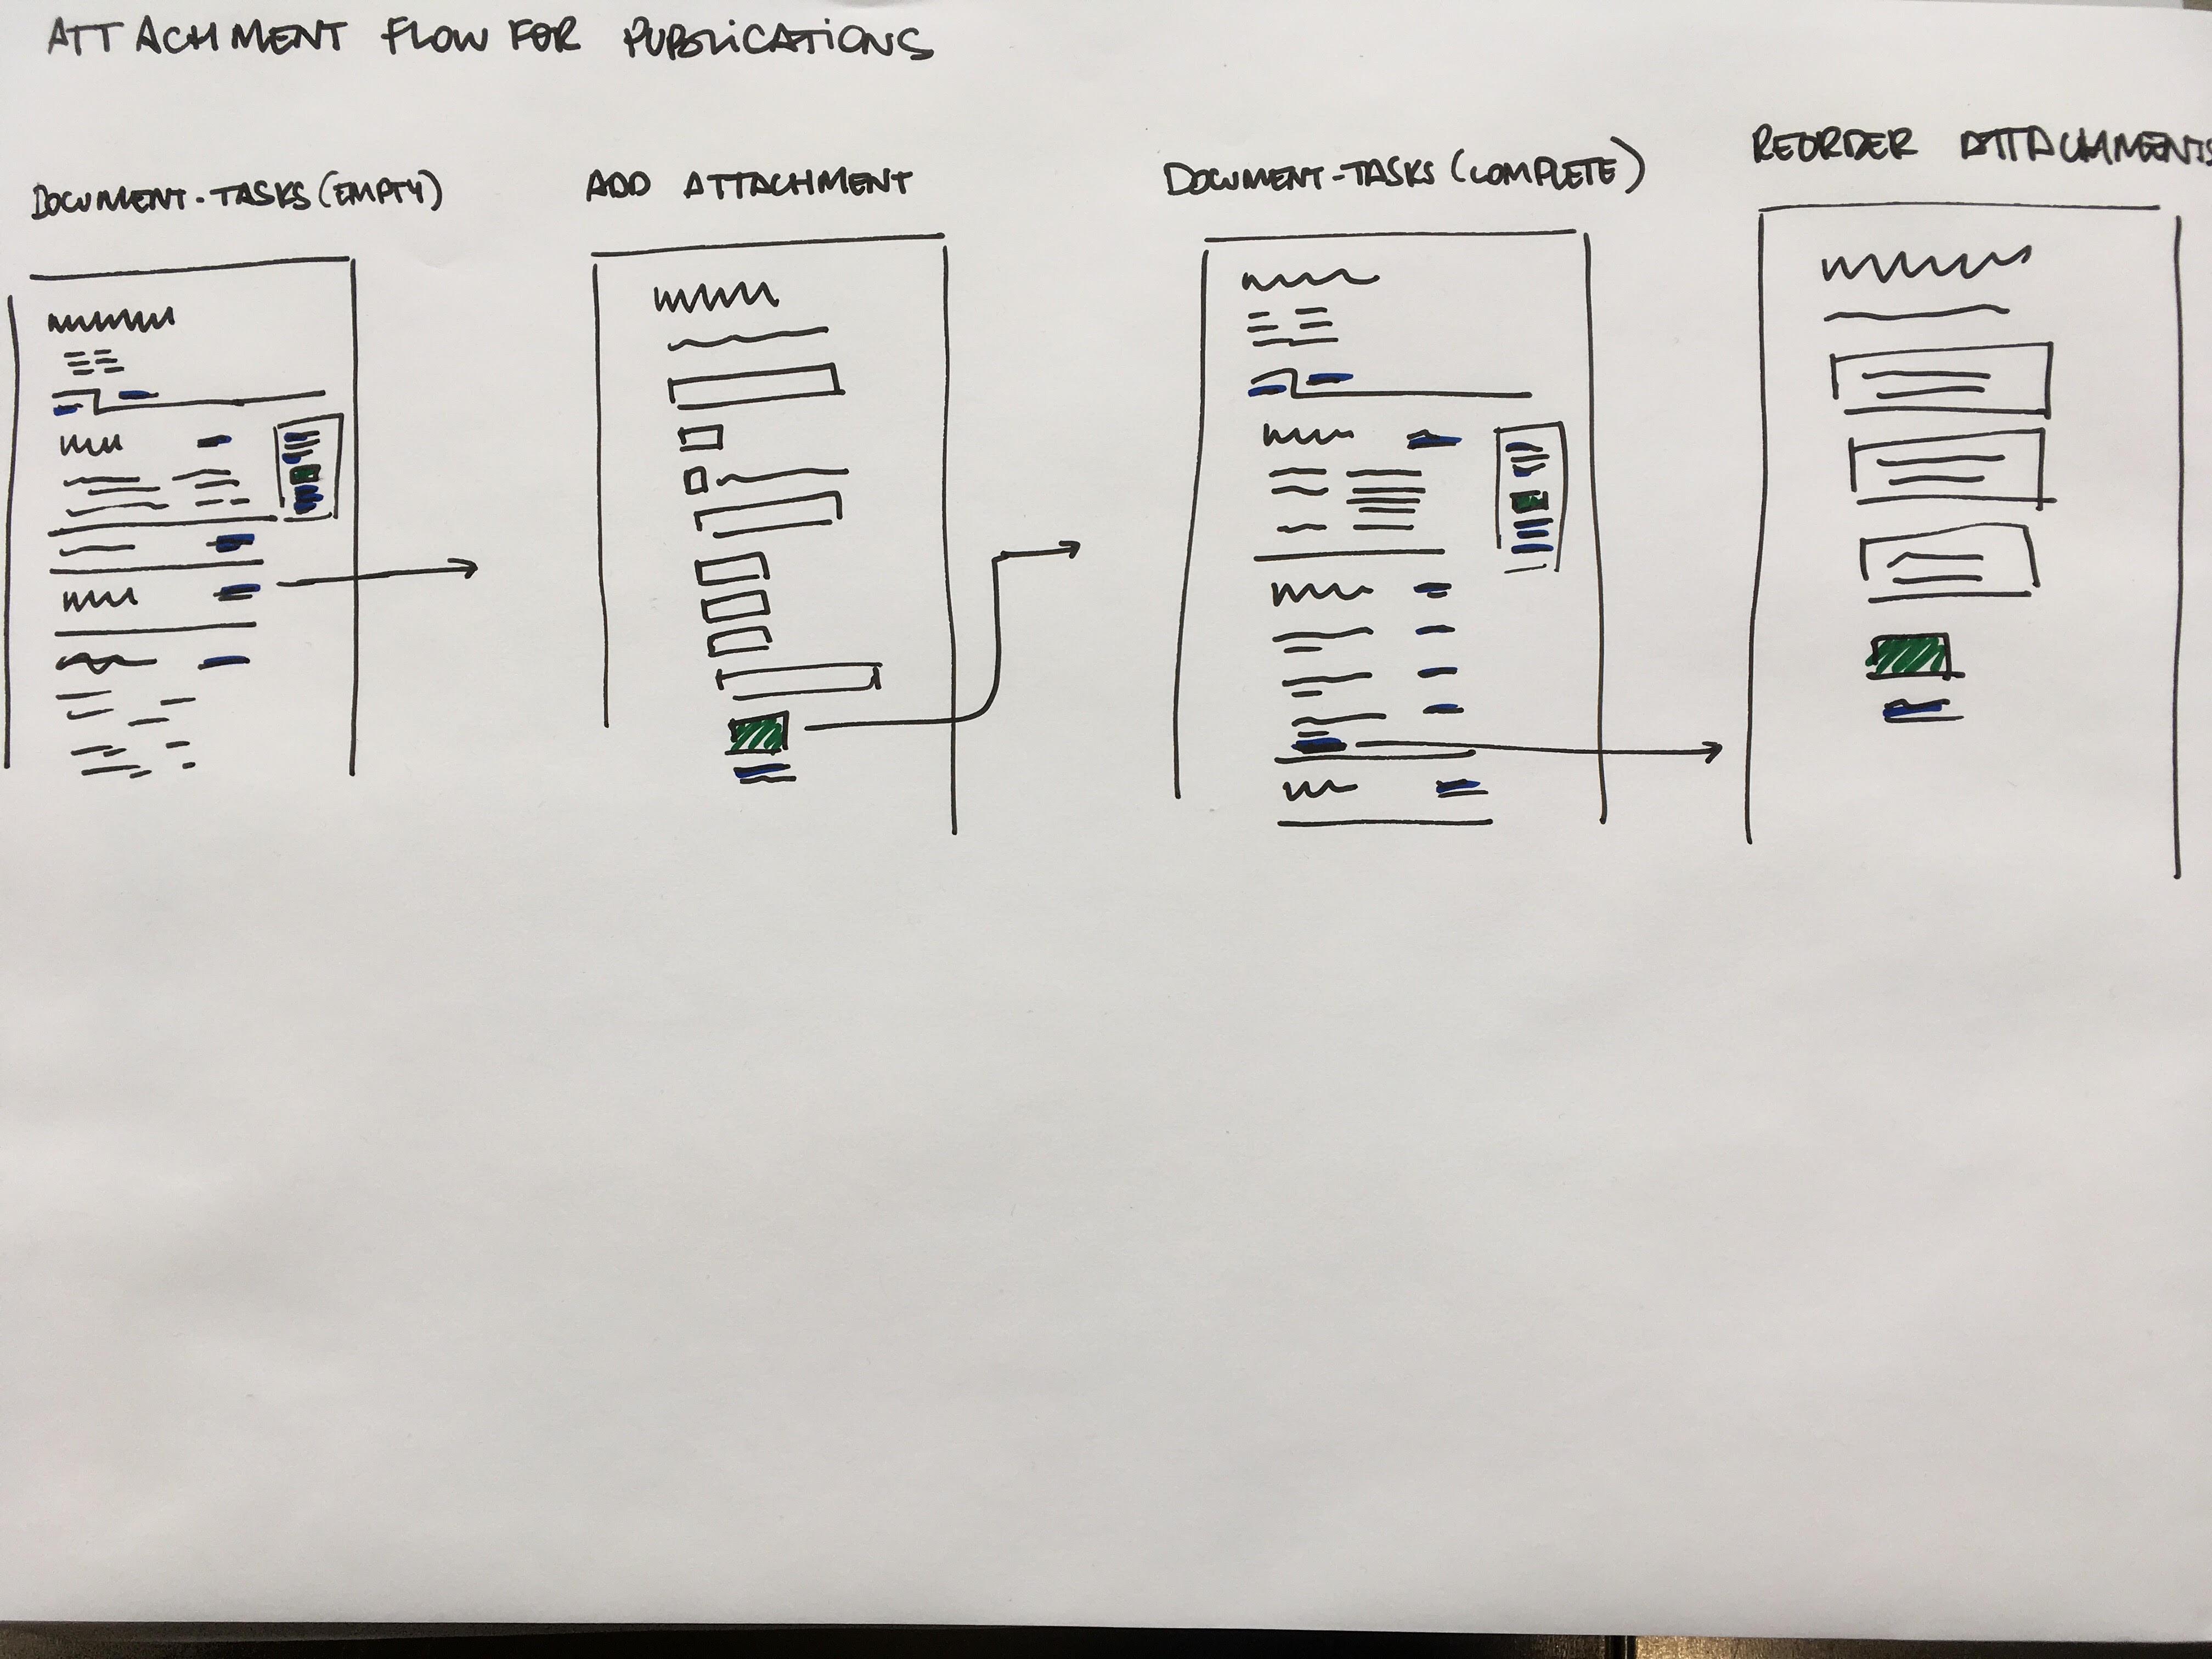 publication-attachment-flow